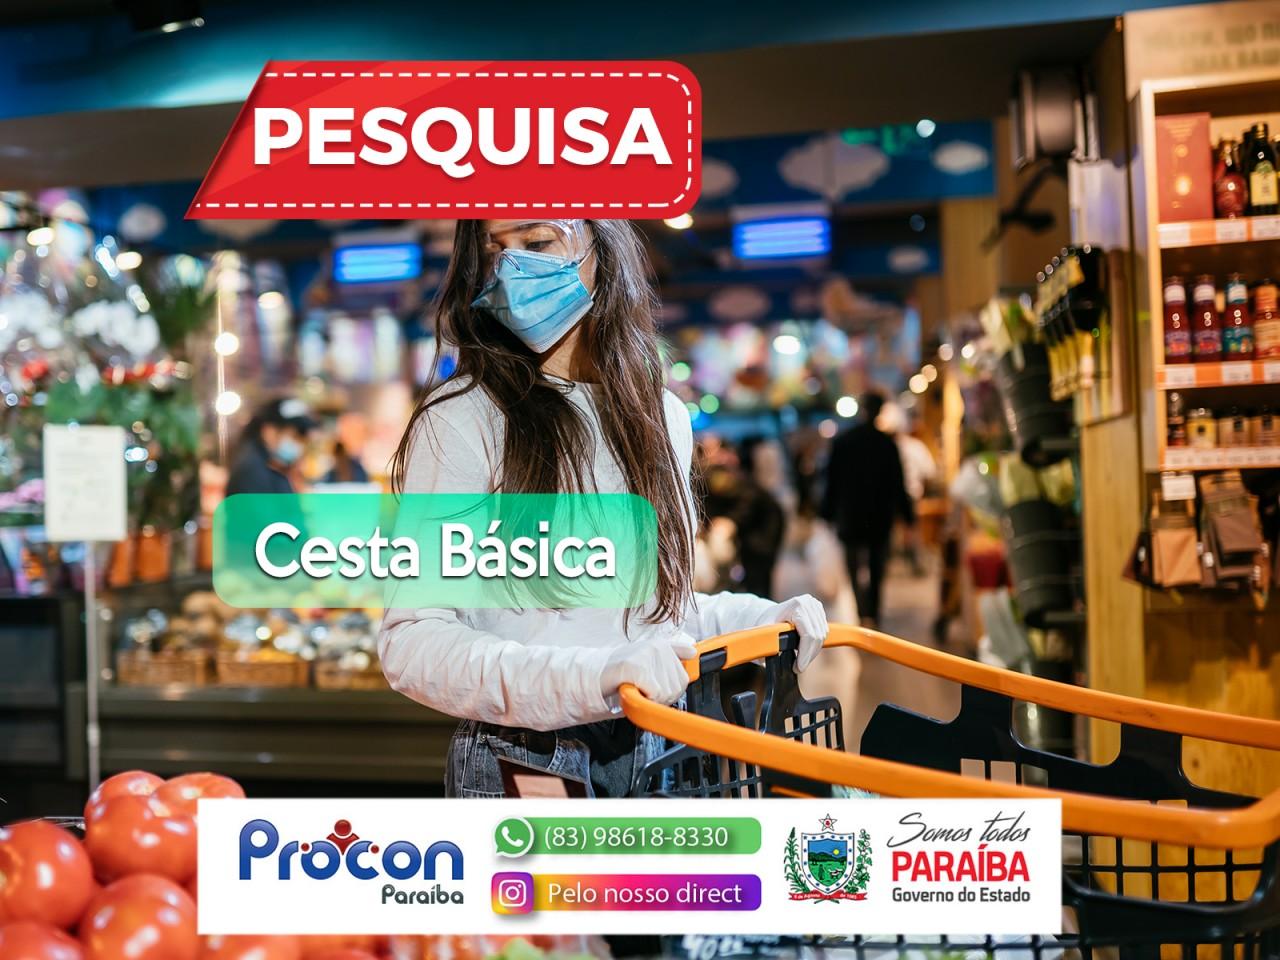 PESQUISA PROCON PB - Procon-PB realiza pesquisa de cestas básicas em supermercados de João pessoa